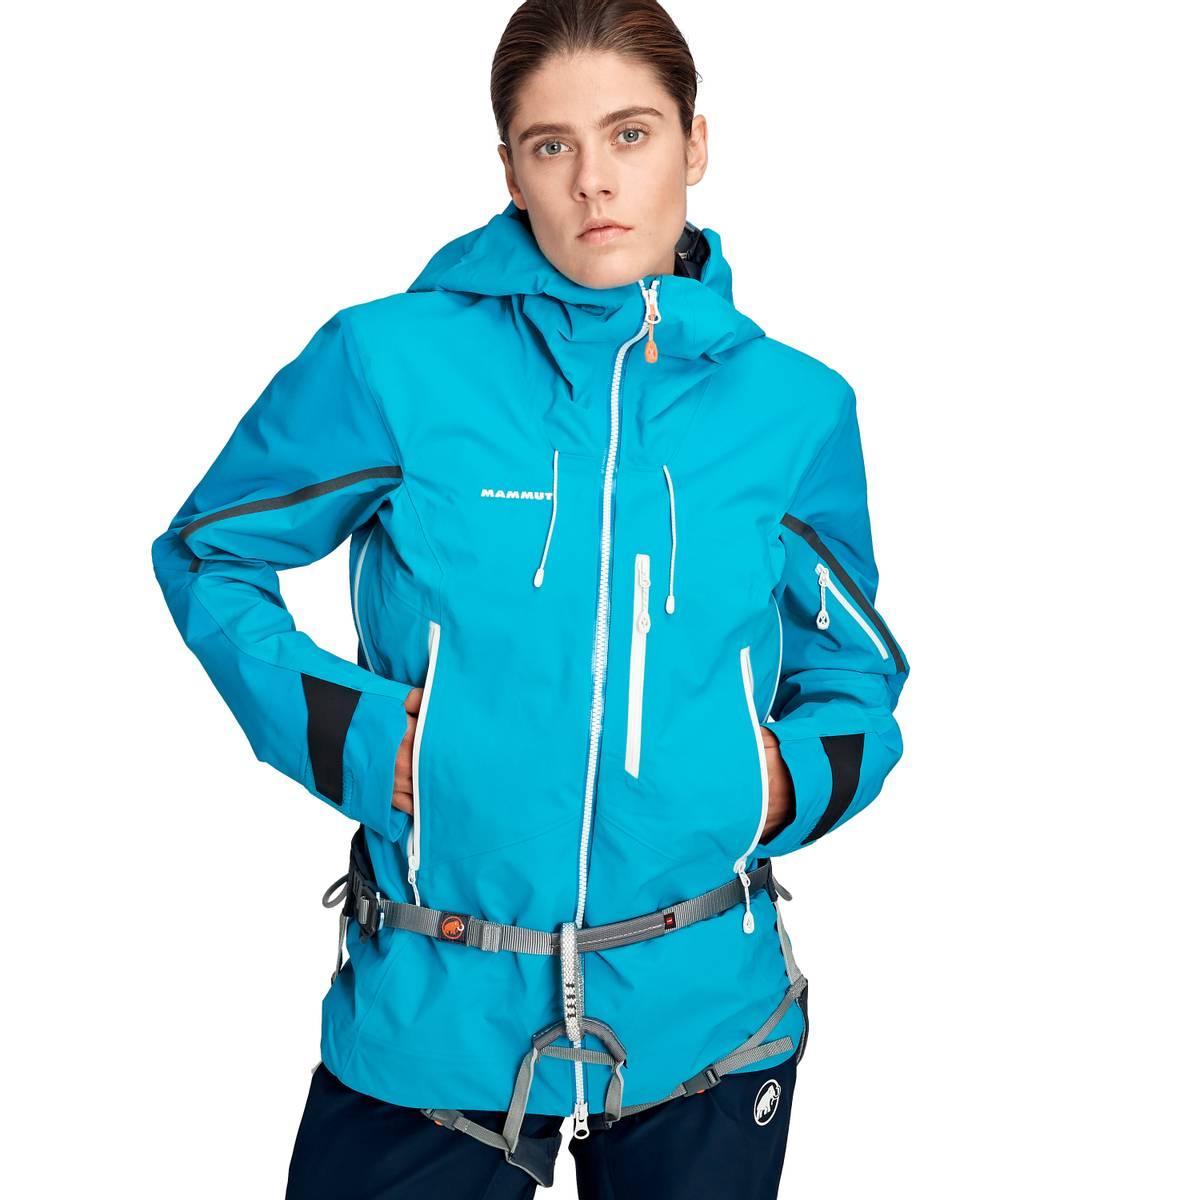 Mammut Nordwand Pro Hooded Hardshell Jacket Women Sky